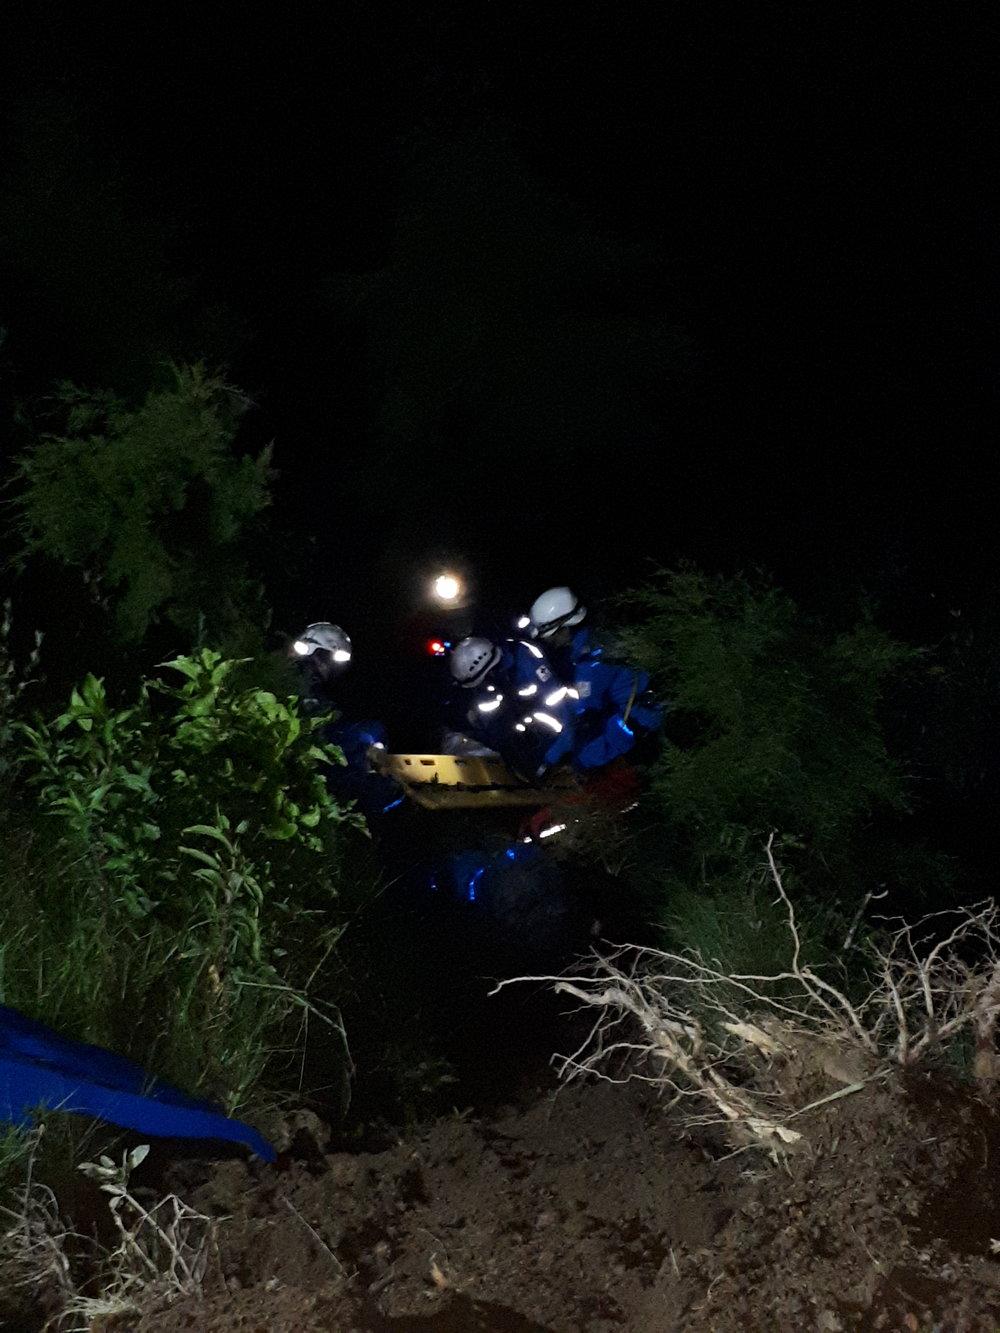 Rescate de pacientes en el lado de la montaña. Foto de: Kristine Nordås Toska.